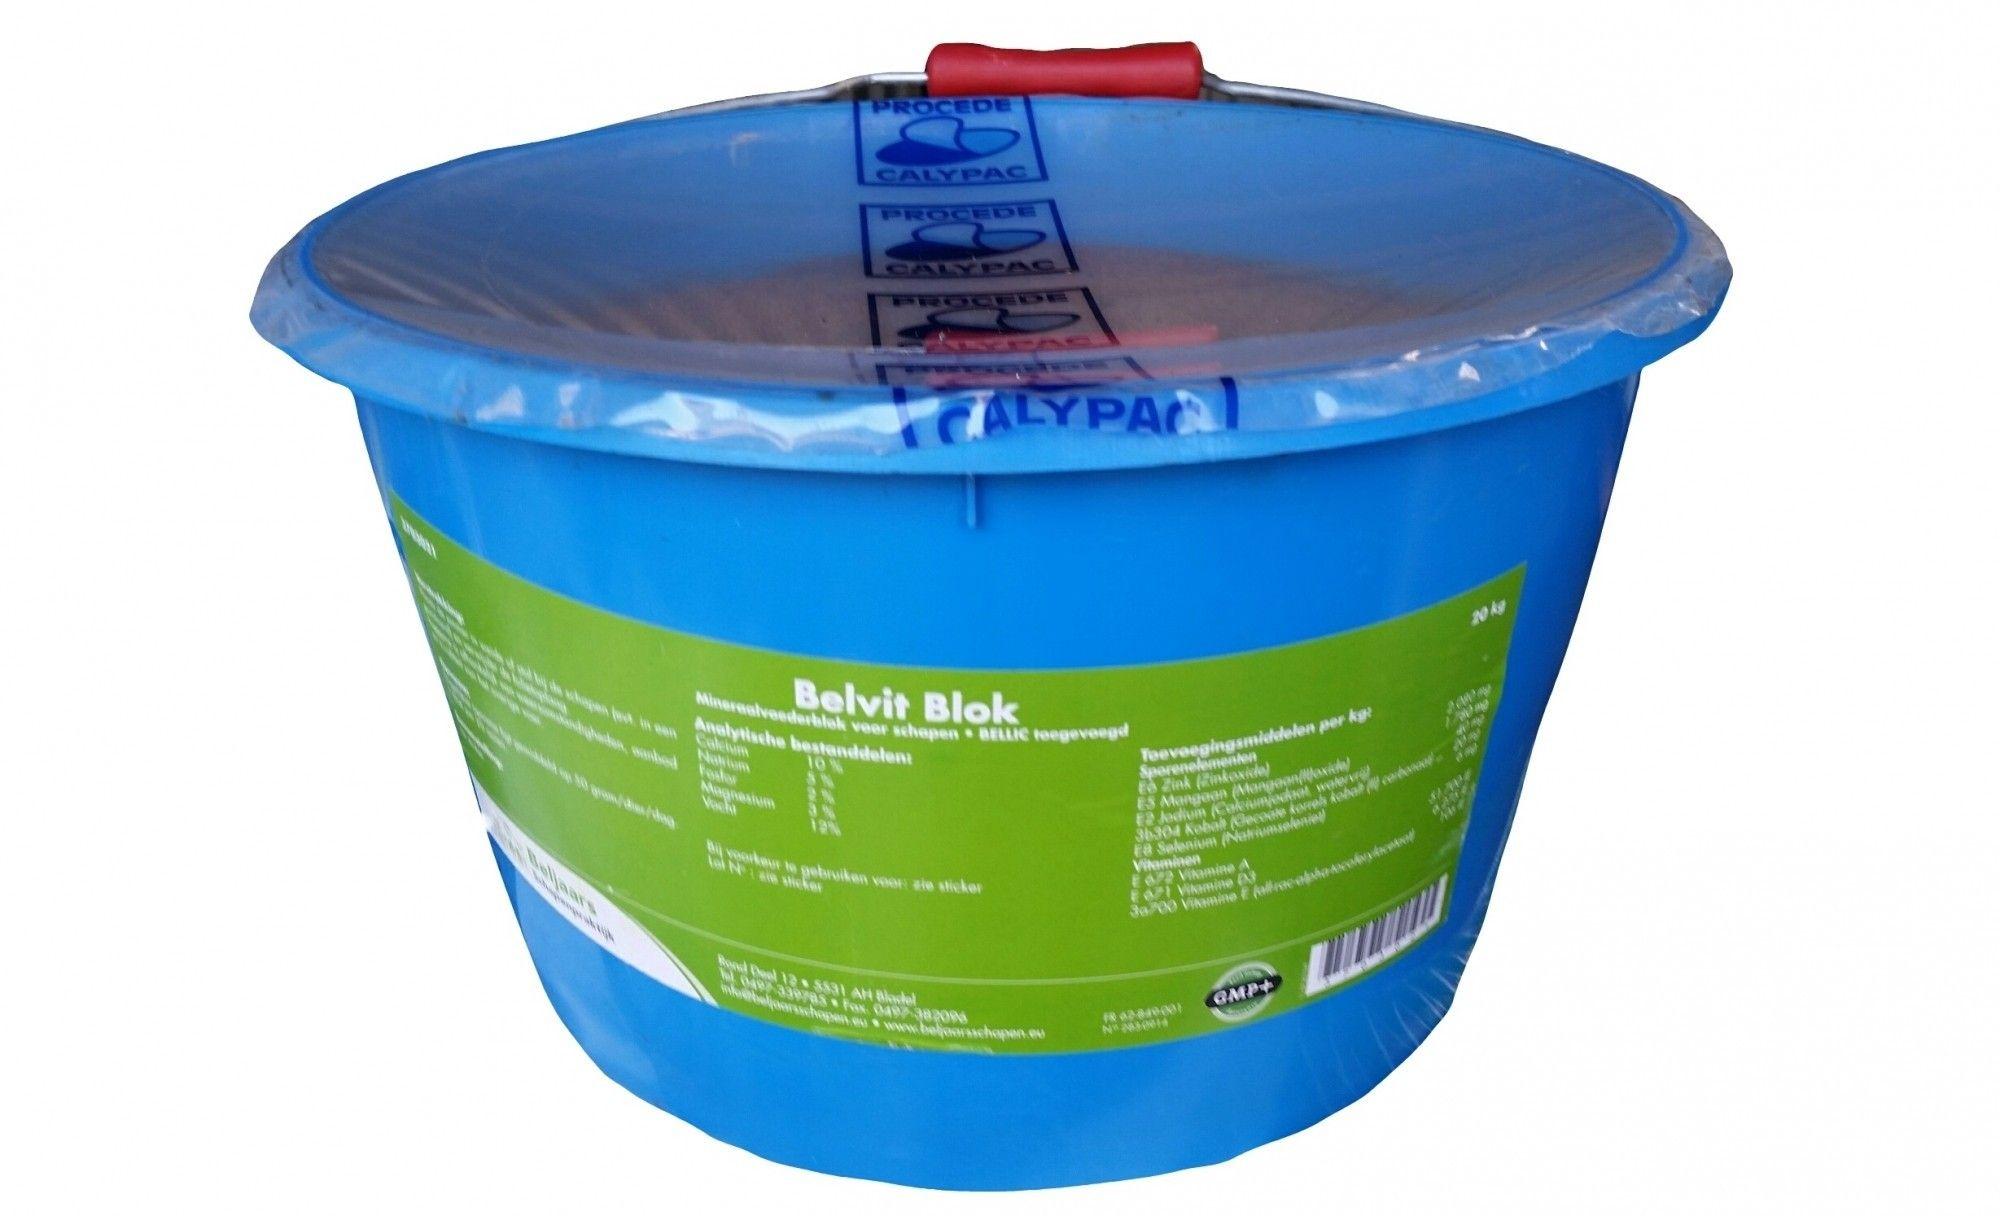 Belvit mineralenemmer schaap 20kg